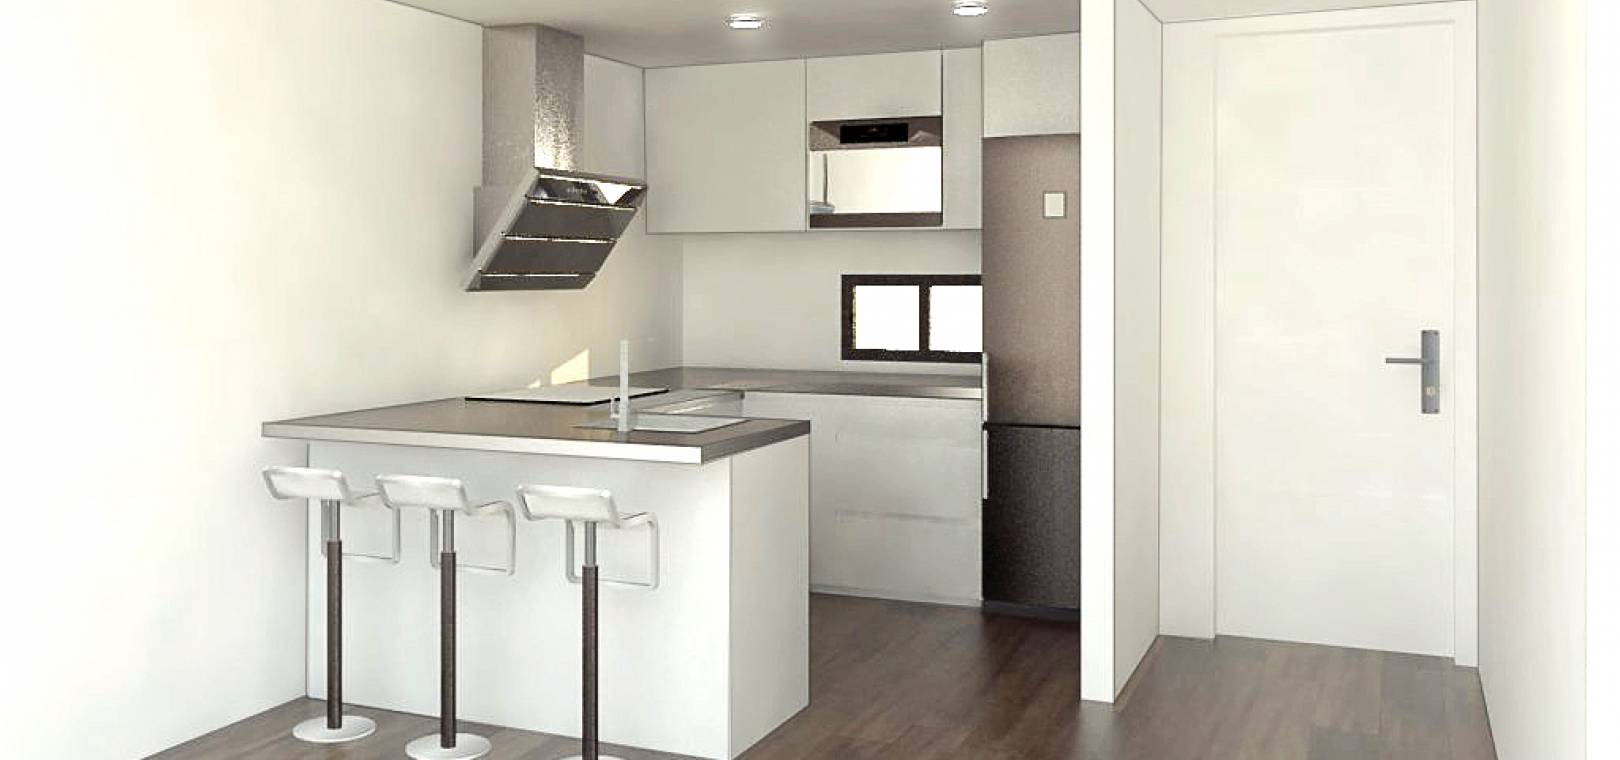 Nieuw gebouw - Appartement - San Pedro del Pinatar